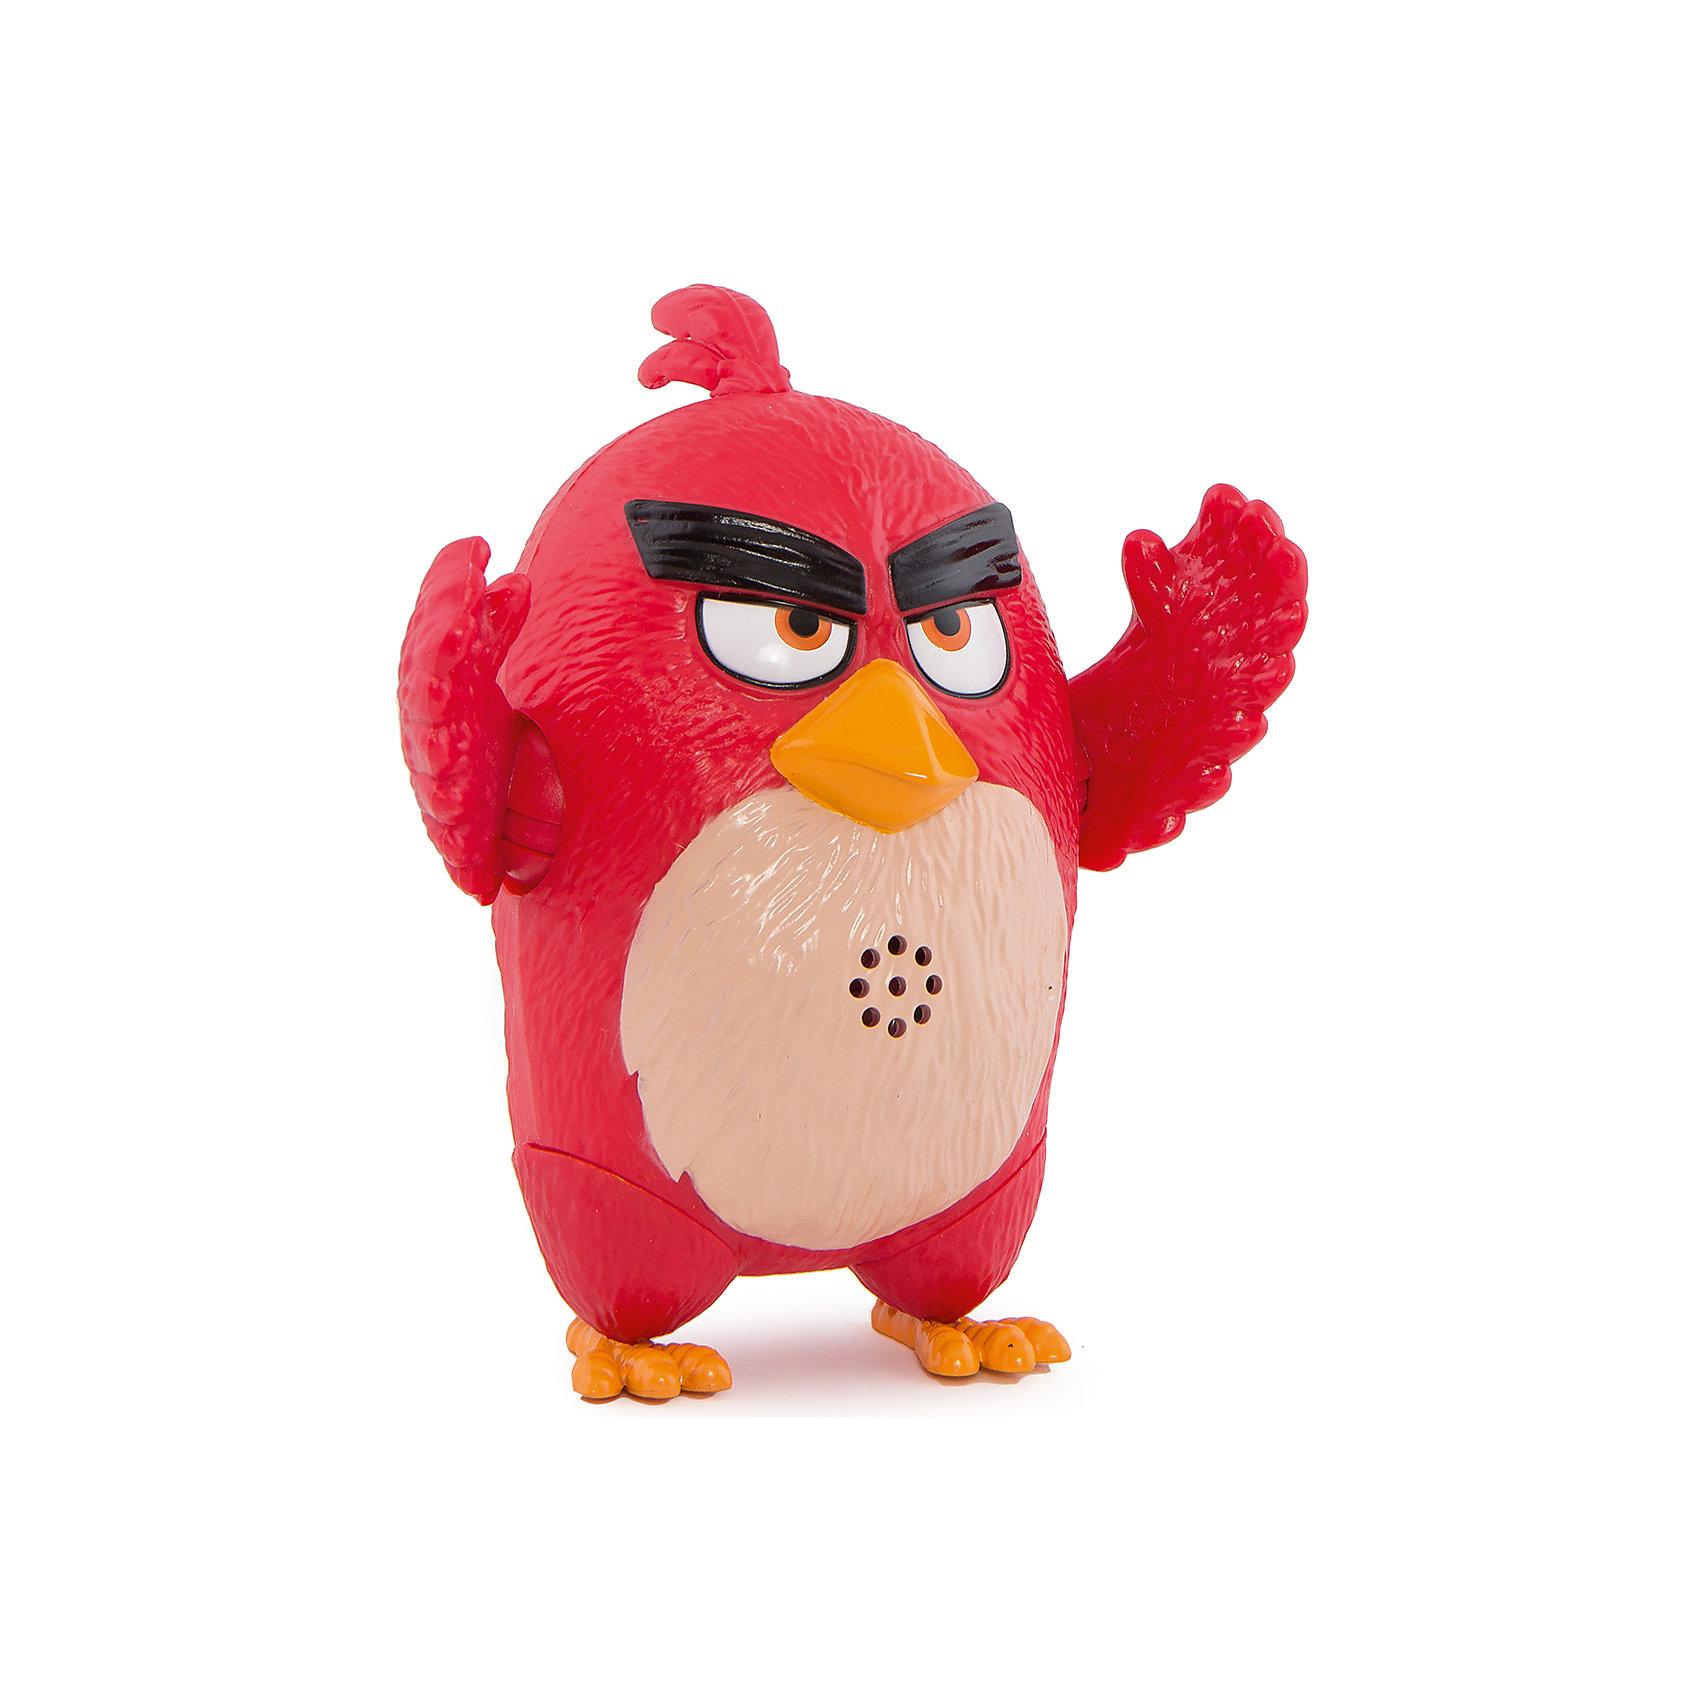 Интерактивная говорящая птица Ред, Angry BirdsЗамечательная игрушка, созданная специально для поклонников серии компьютерных игр Angry Birds – подвижная фигурка со звуковыми эффектами от компании Spin Master, выполненная в виде главных героев Энгри Бёрдз. Такой подарок, несомненно, оценят не только дети, но и взрослые люди, особенно сейчас, в преддверии выхода полнометражного анимационного фильма про сердитых птичек и их врагов назойливых поросят – «Angry Birds в кино» (The Angry Birds Movie, 2016).<br><br>Фигурки изготовлены из пластика, ярко окрашены, внешний вид игрушек в точности повторяет их прототипов из виртуального мира. Фигурки имеют подвижные конечности и произносят звуки и фразы из мультфильма (на английском языке).<br><br><br>Интерактивную говорящую птицу Ред, Angry Birds можно купить в нашем магазине.<br><br>Ширина мм: 170<br>Глубина мм: 210<br>Высота мм: 110<br>Вес г: 401<br>Возраст от месяцев: 36<br>Возраст до месяцев: 192<br>Пол: Унисекс<br>Возраст: Детский<br>SKU: 4719969